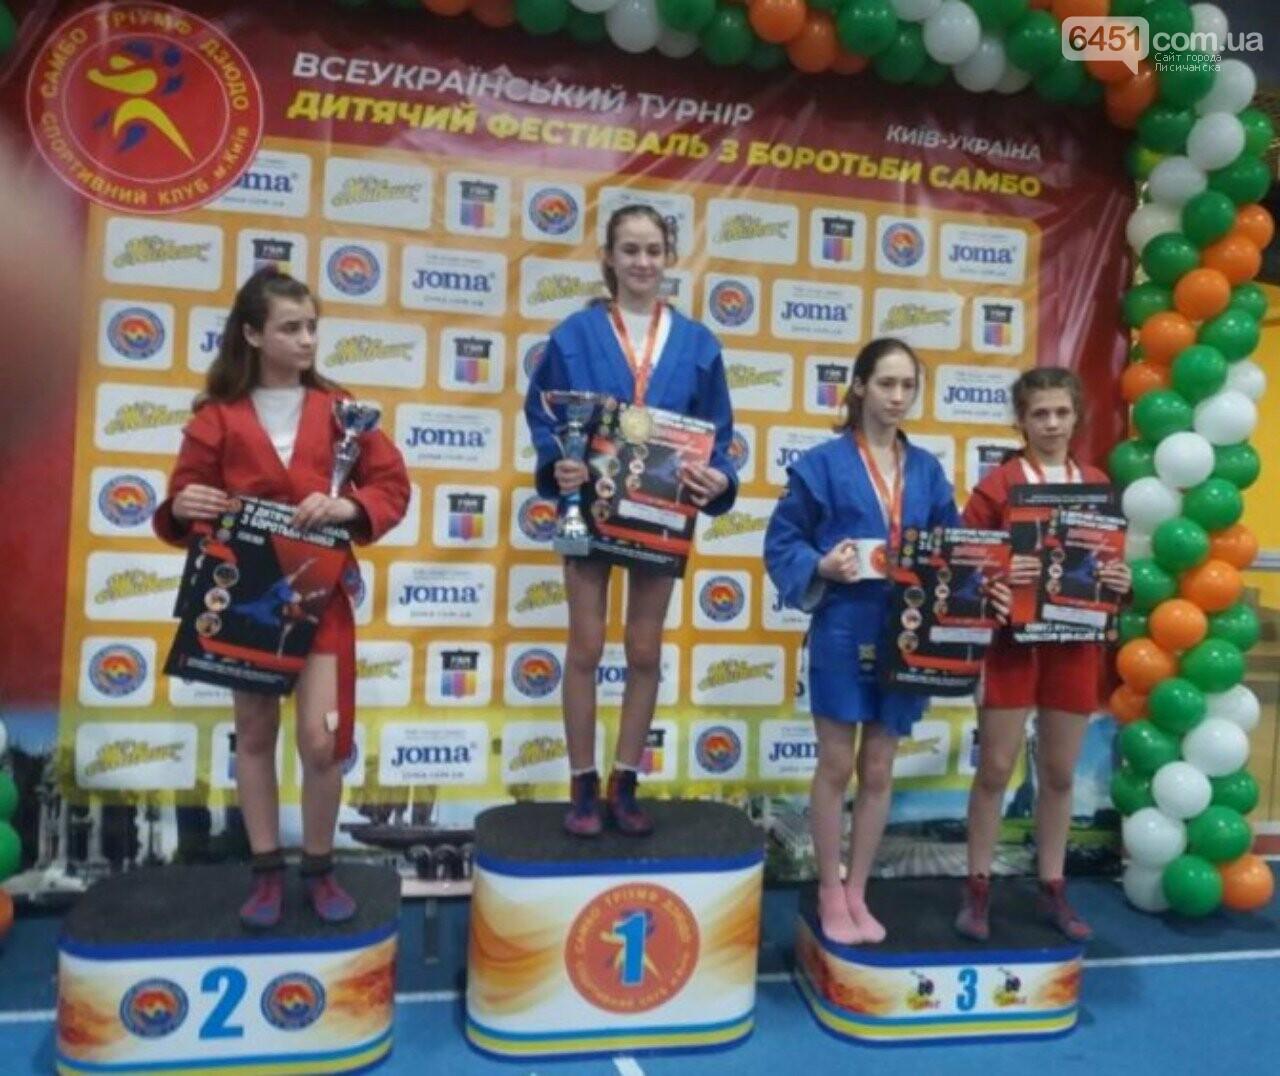 Лисичанские спортсмены - среди призеров открытого Всеукраинского турнира «III Детский Фестиваль самбо», фото-2